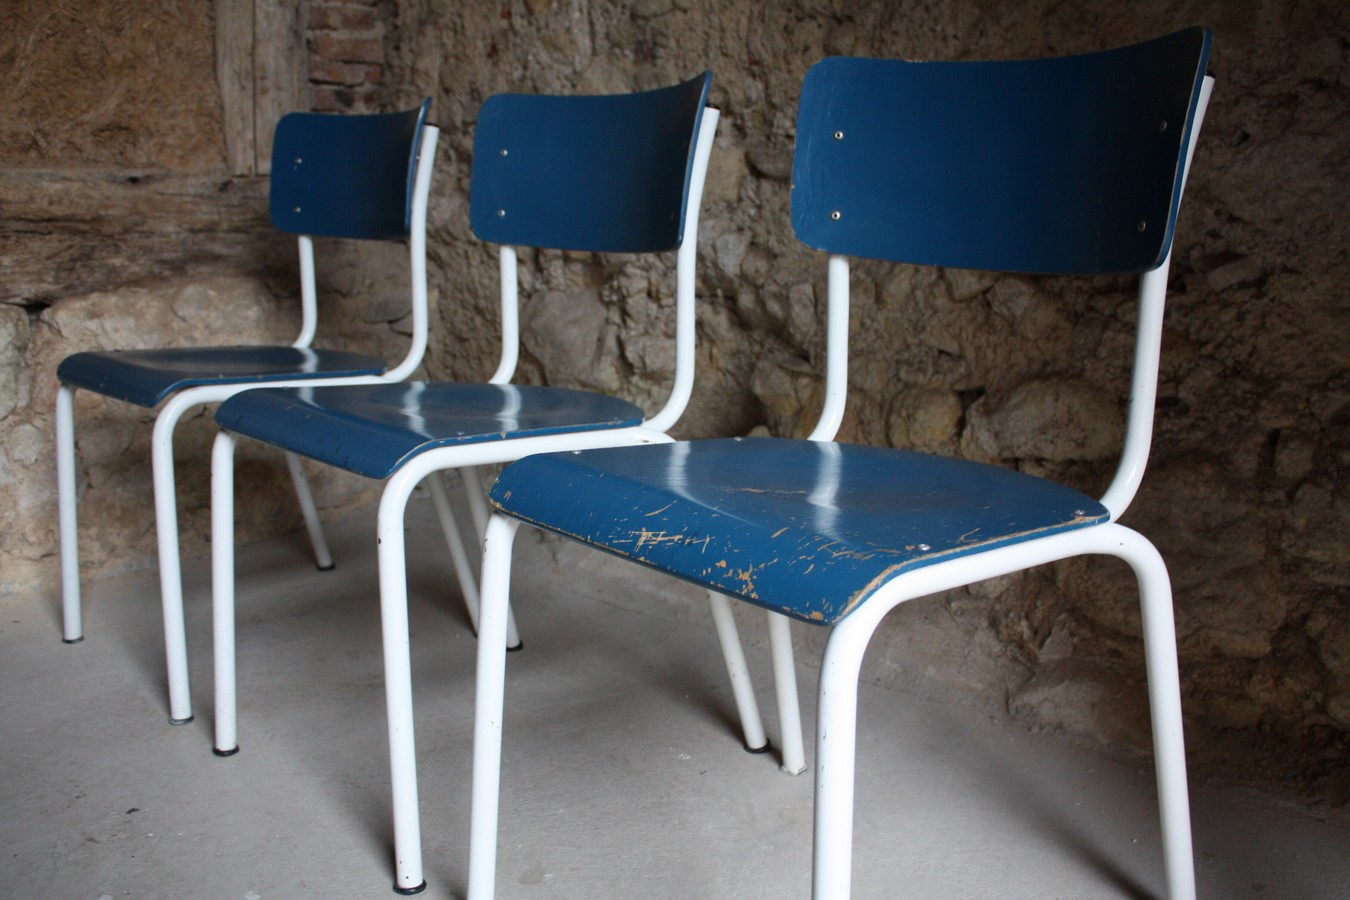 stuhl gebraucht bauhaus schulstuhl vintage mobel 7 design ikonen. Black Bedroom Furniture Sets. Home Design Ideas